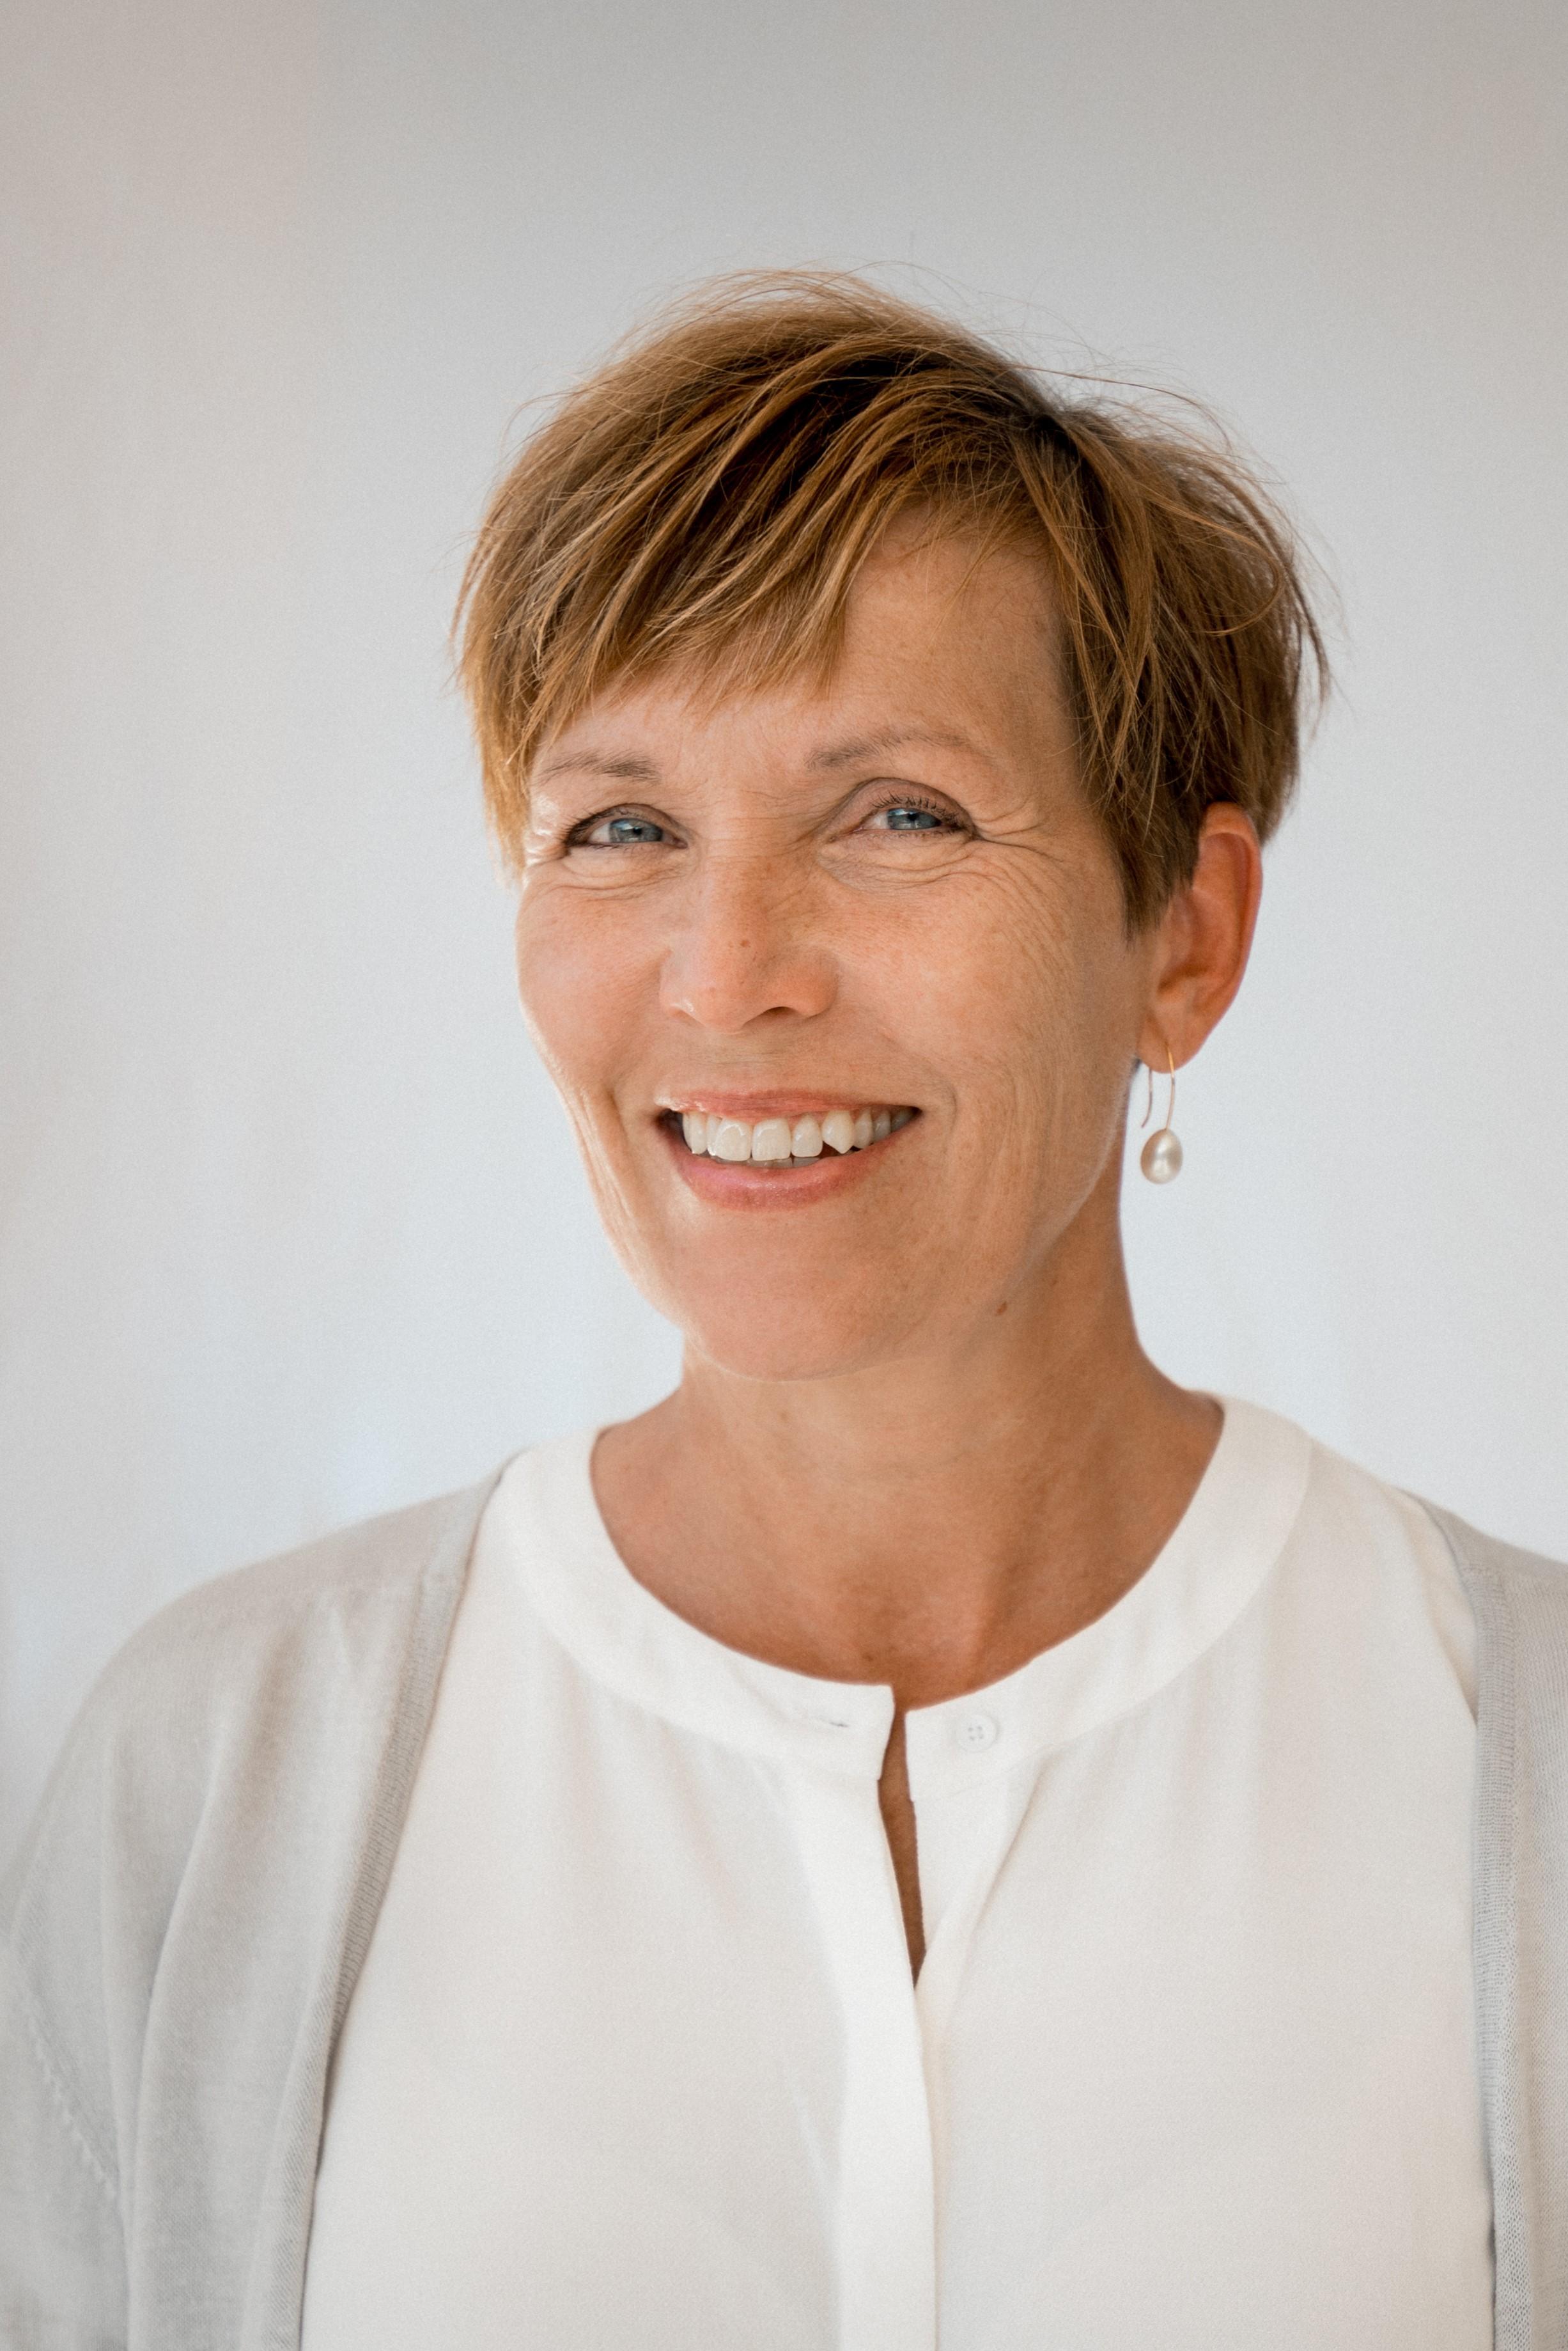 Inger Sundström-Poromaa, MD PhD   Professor i Obstetrik och Gynekologi, Institutionen för kvinnor och barns hälsa, Uppsala Universitet och Överläkare, Kvinnokliniken, Akademiska sjukhuset